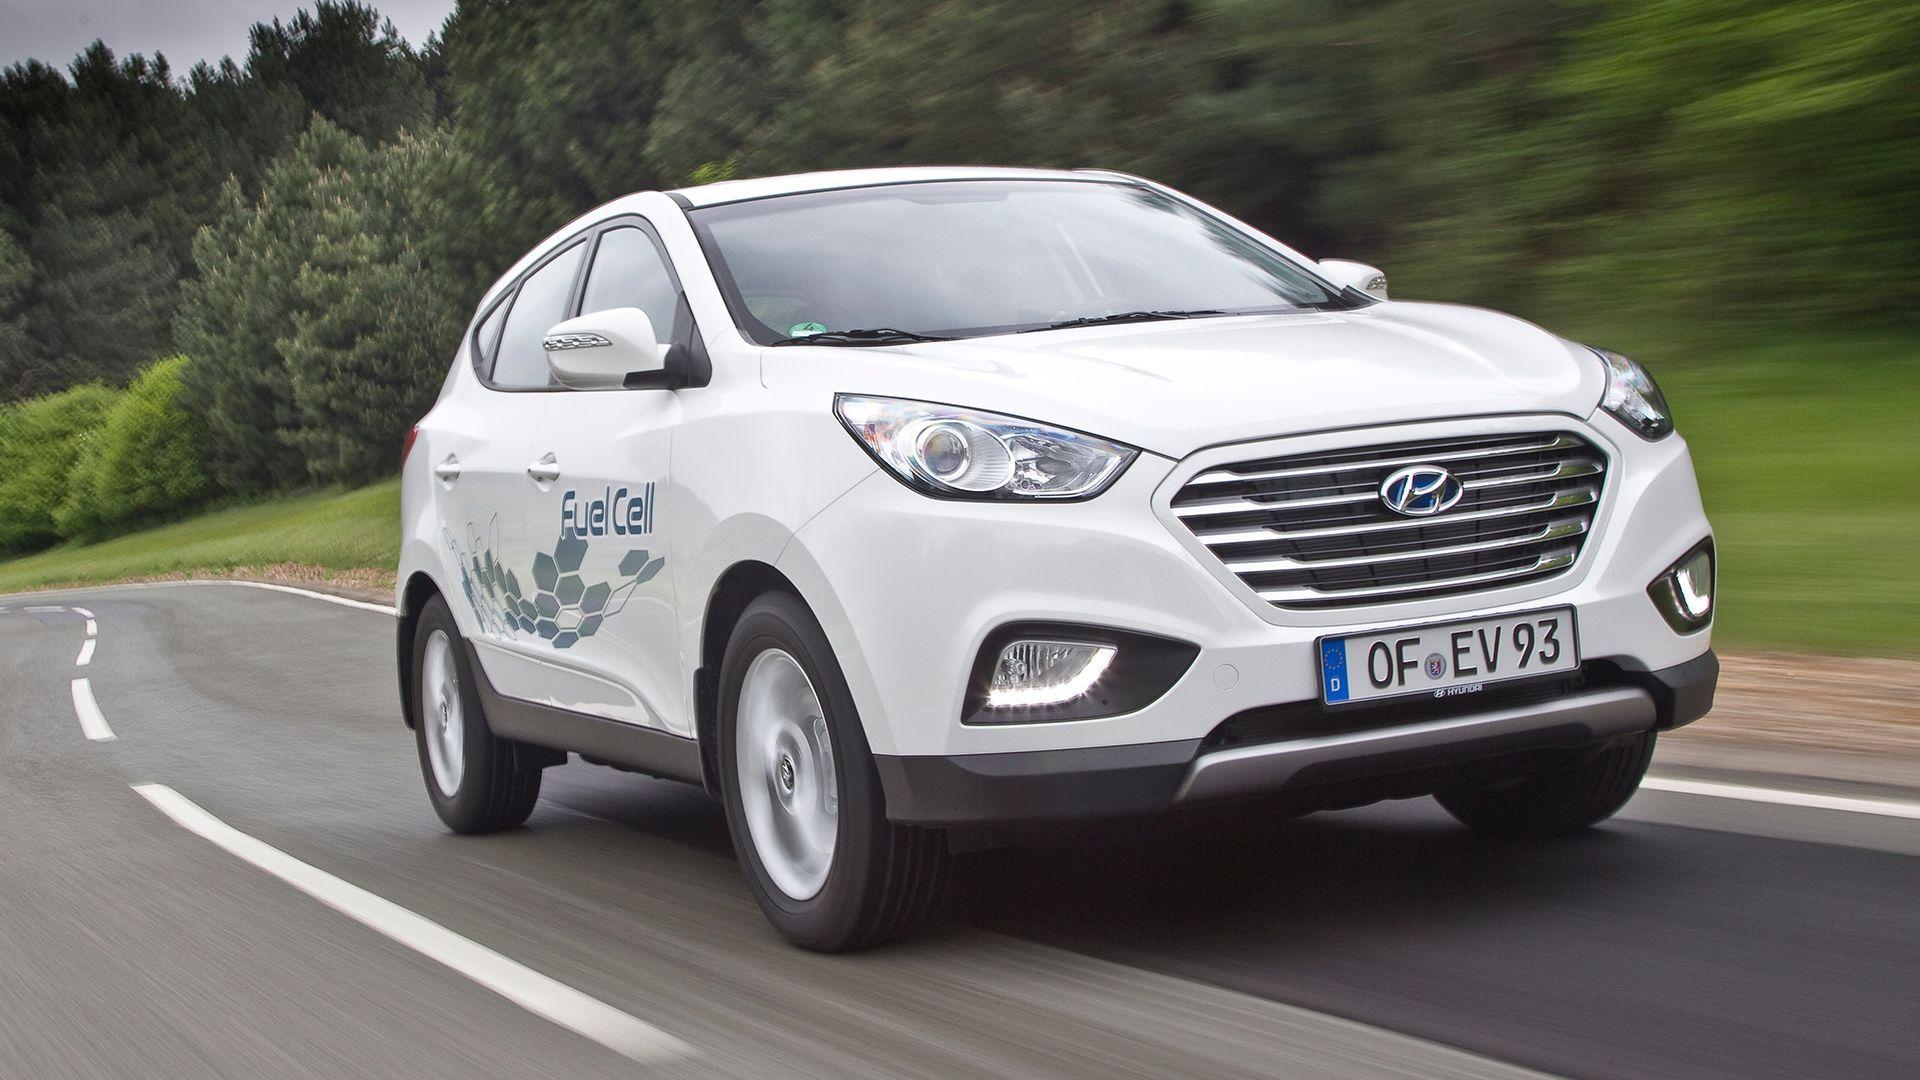 Hyundai ix35 Style image